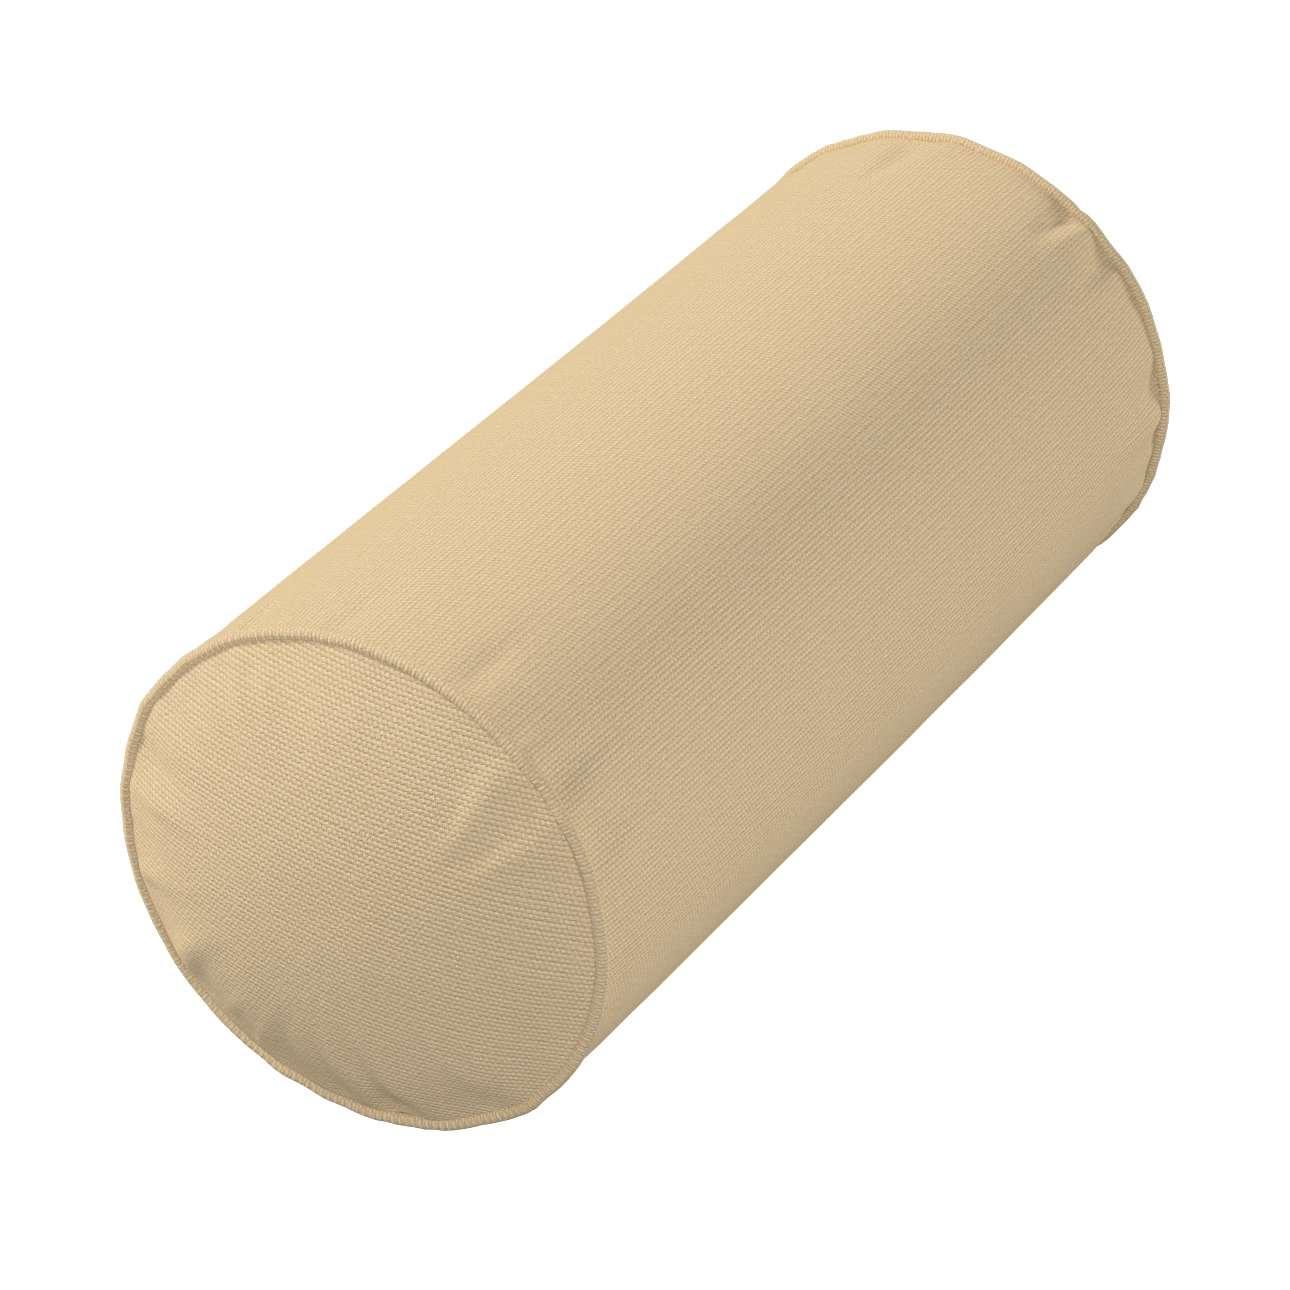 Ektorp pagalvėlė Ektorp pagalvėlė kolekcijoje Cotton Panama, audinys: 702-01